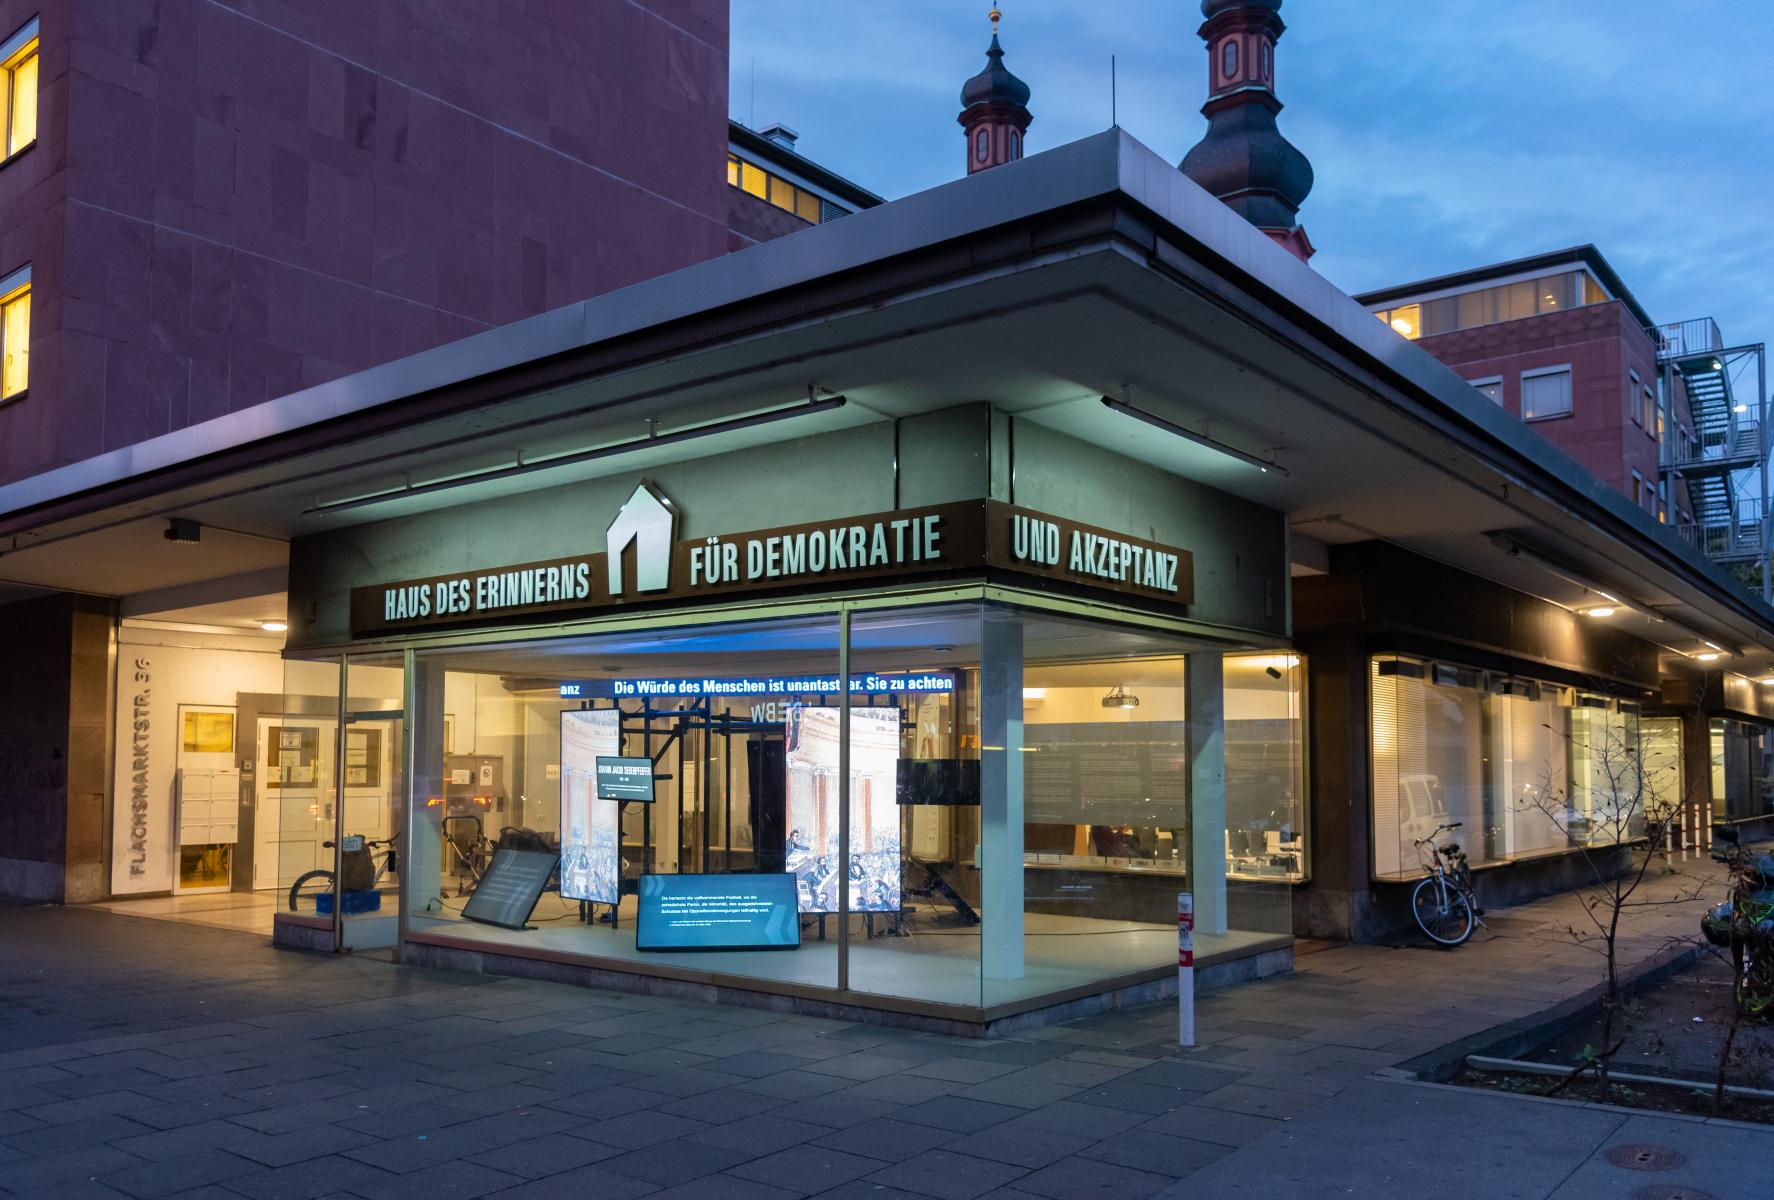 Das Haus des Erinnerns – für Demokratie und Akzeptanz Mainz